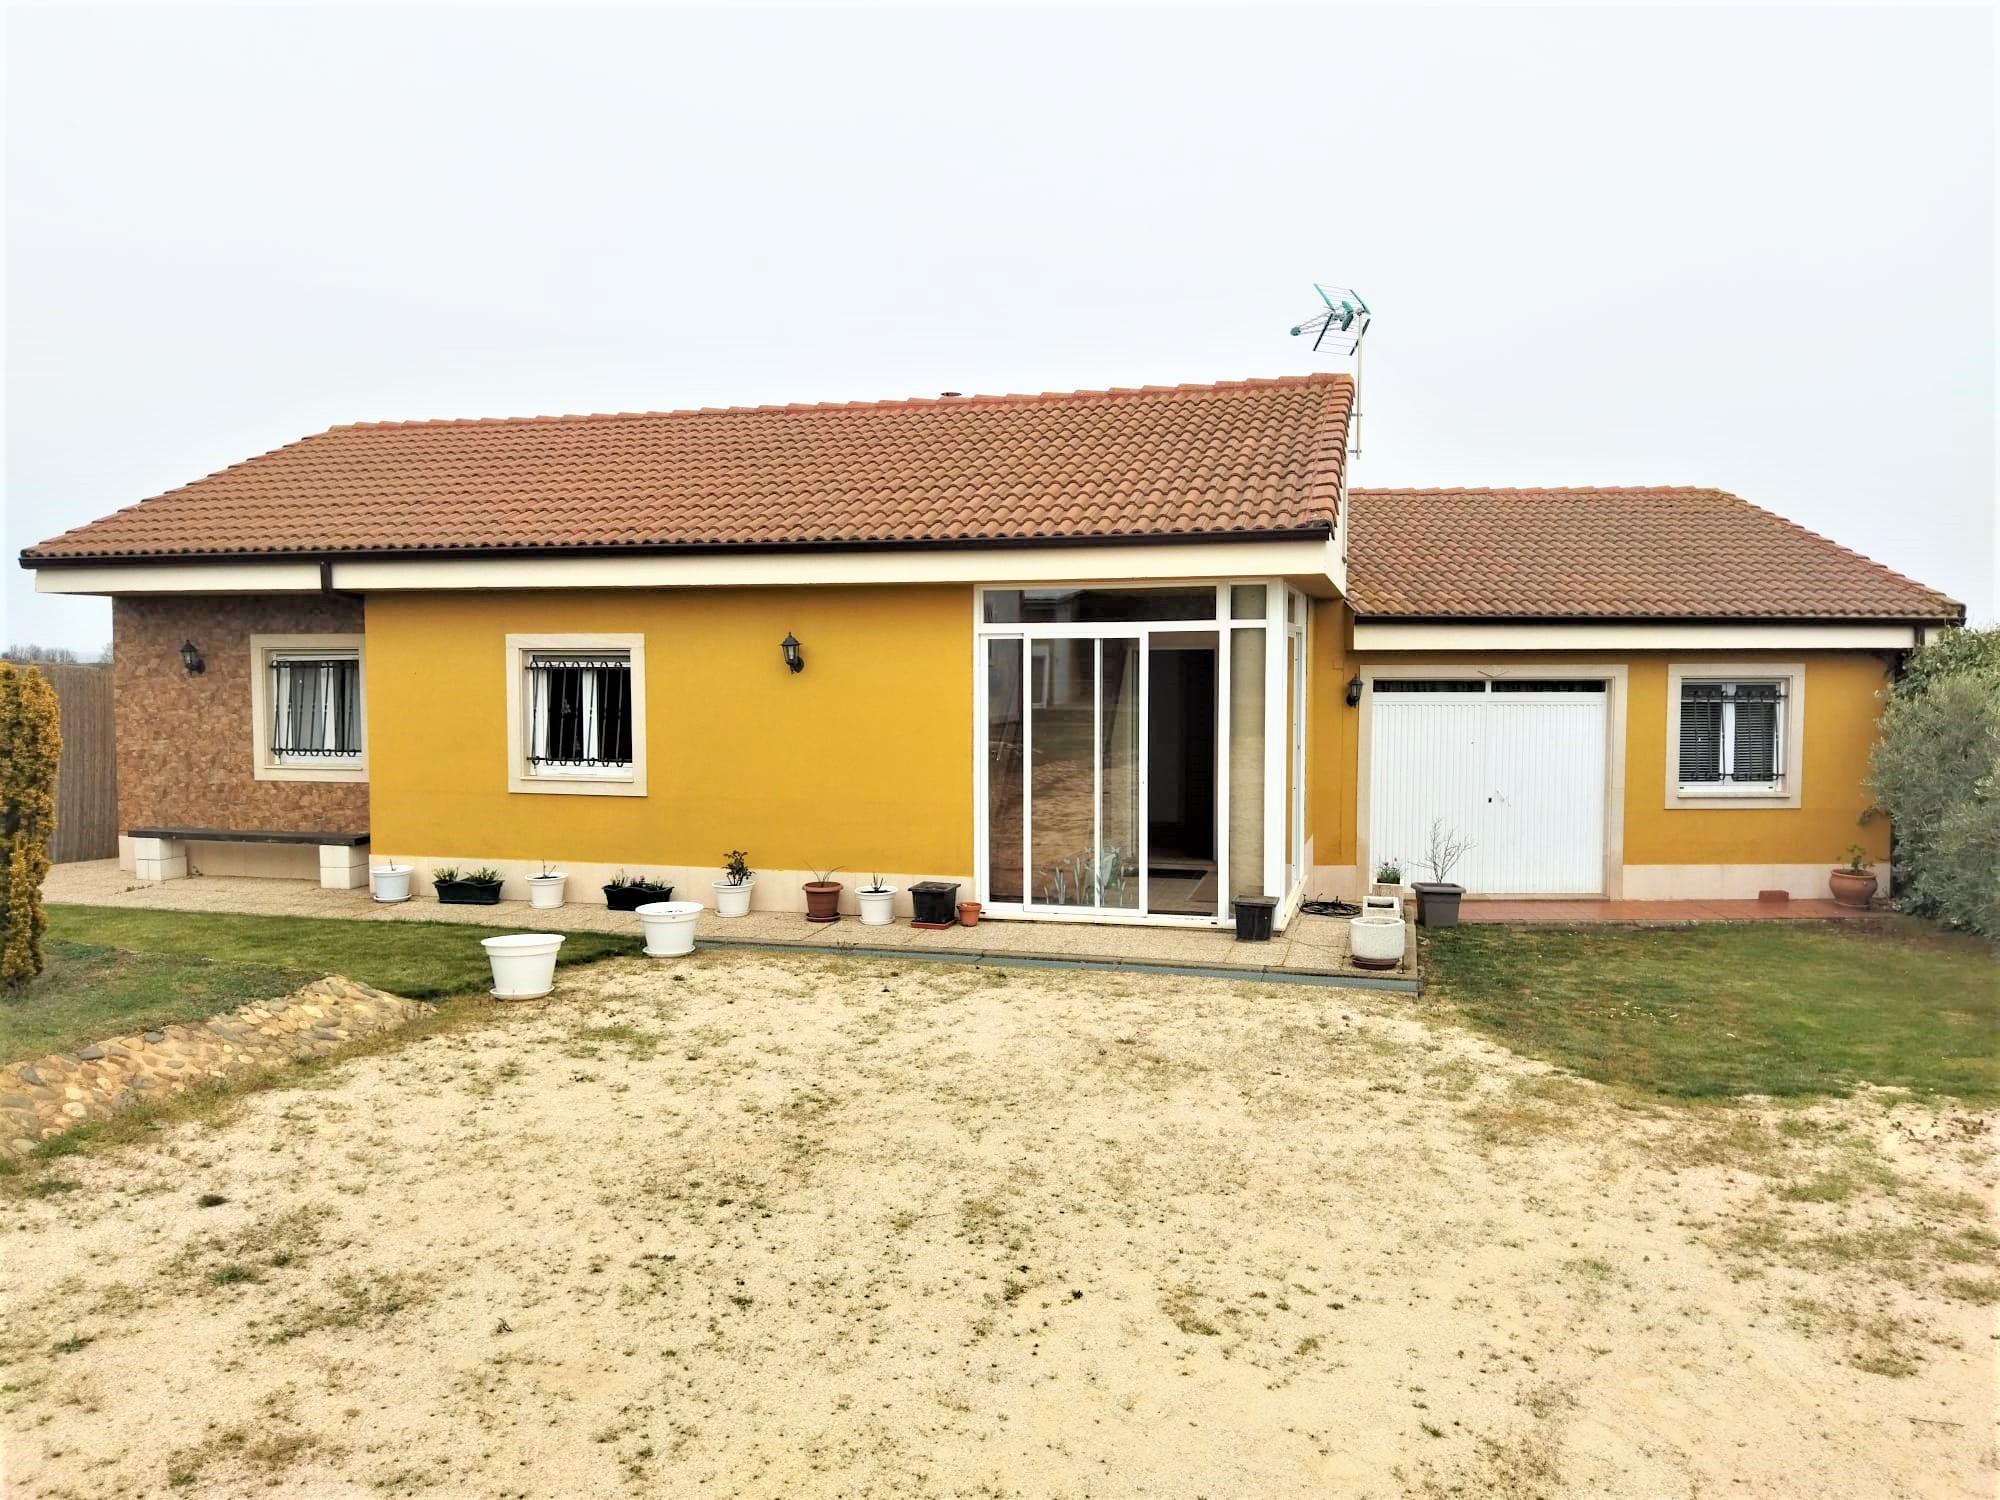 Casa Individual con parcela de 900 m2 en Antimio de Arriba